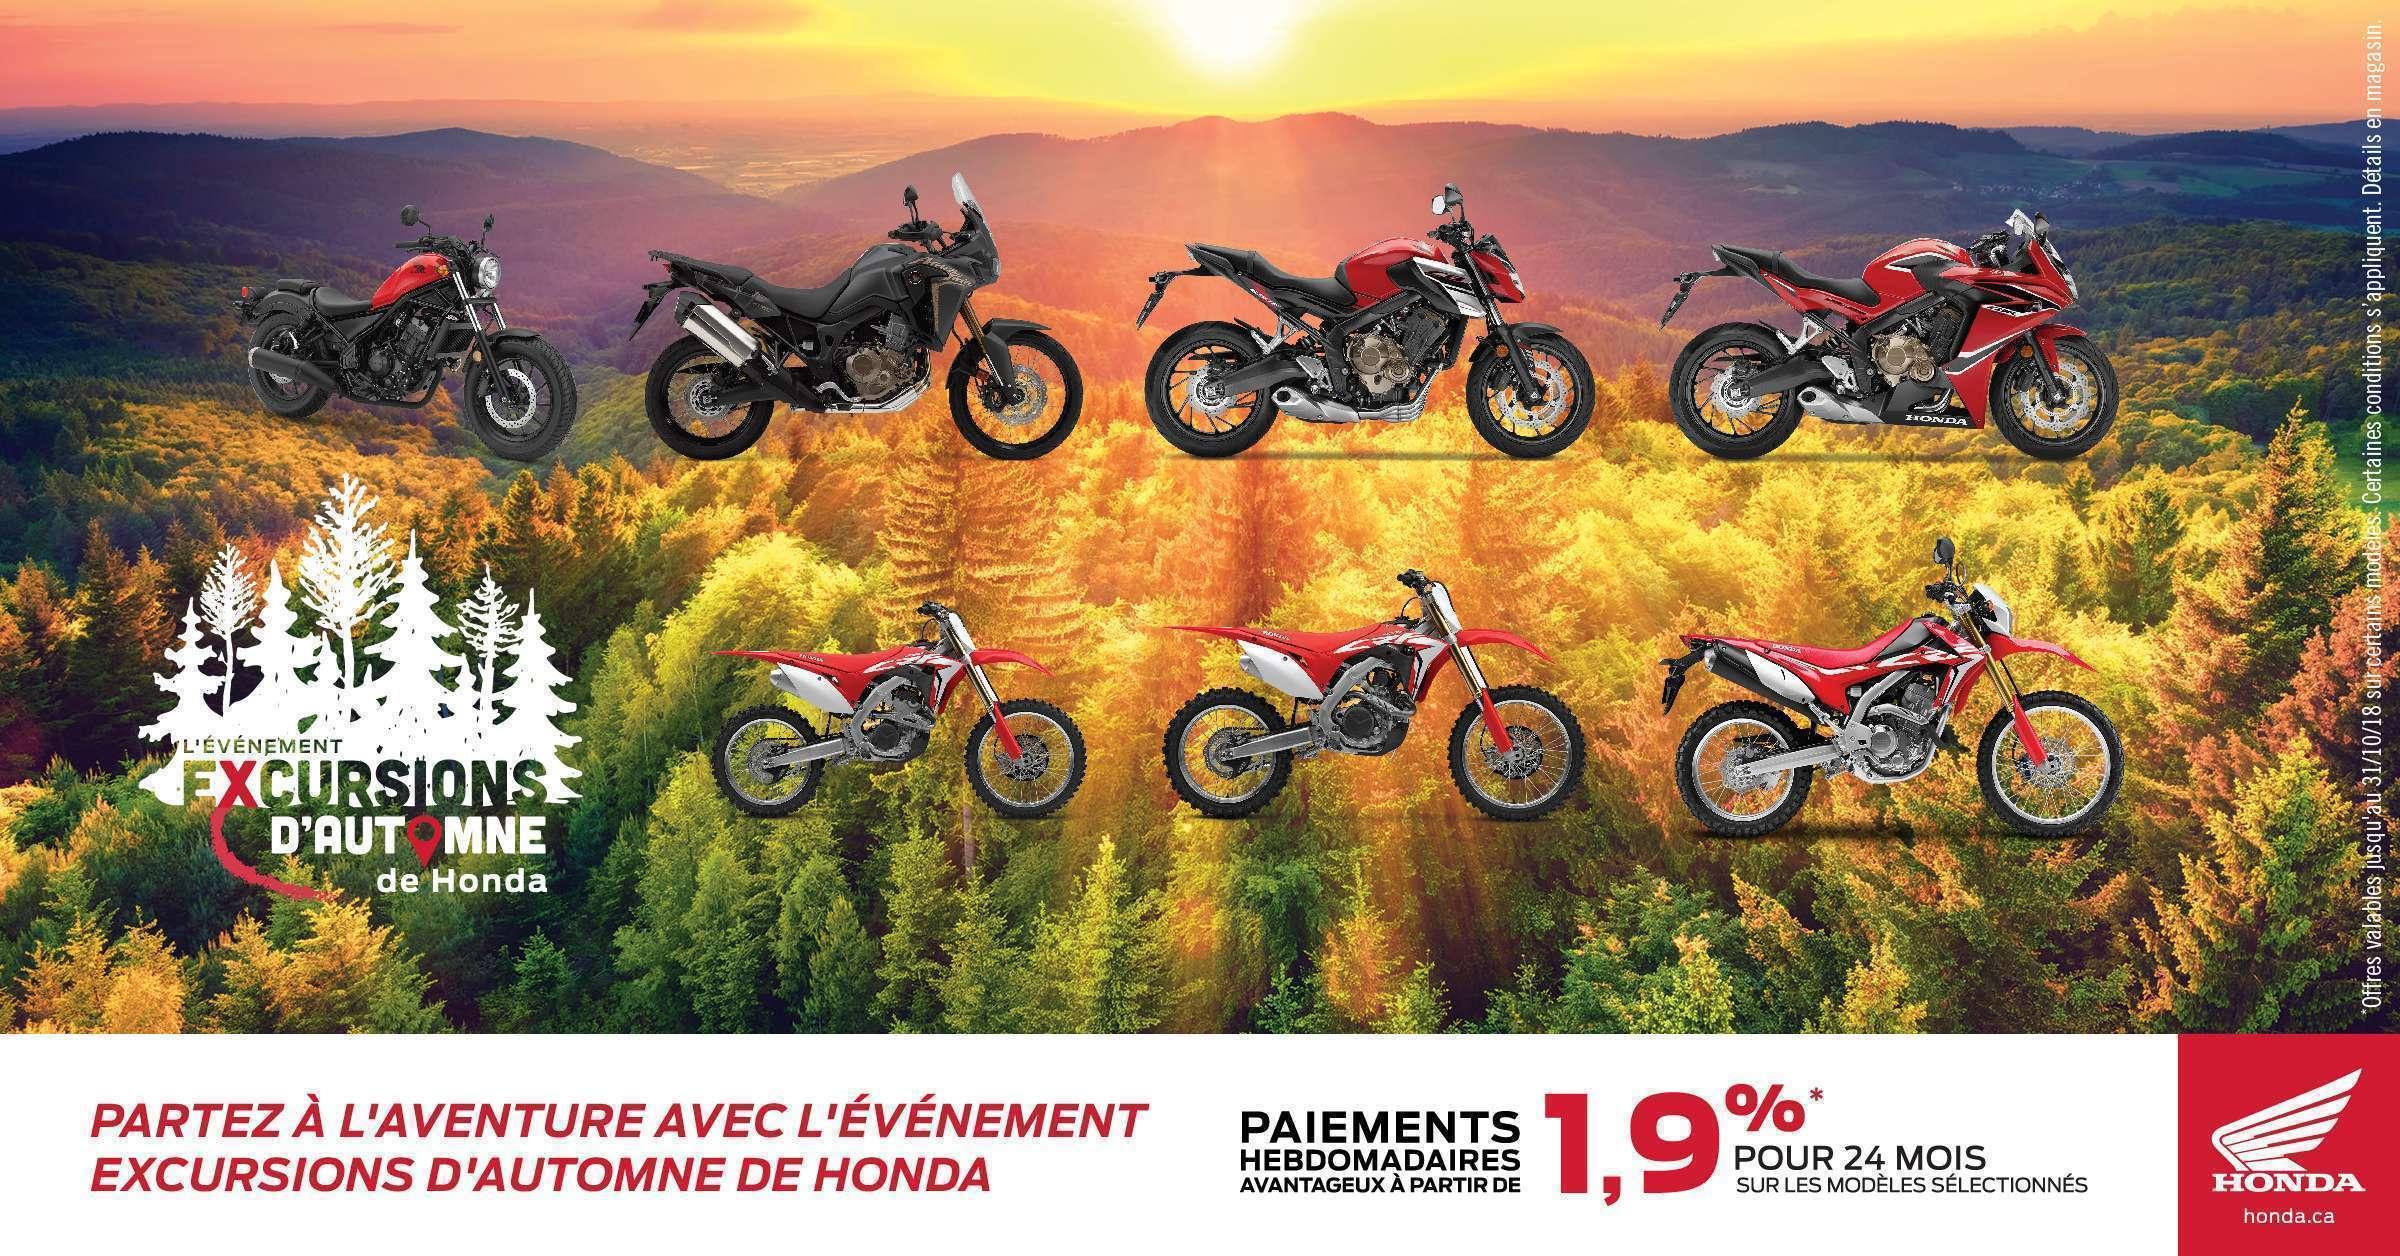 Partez à l'aventure avec l'événement excursions d'automne de Honda